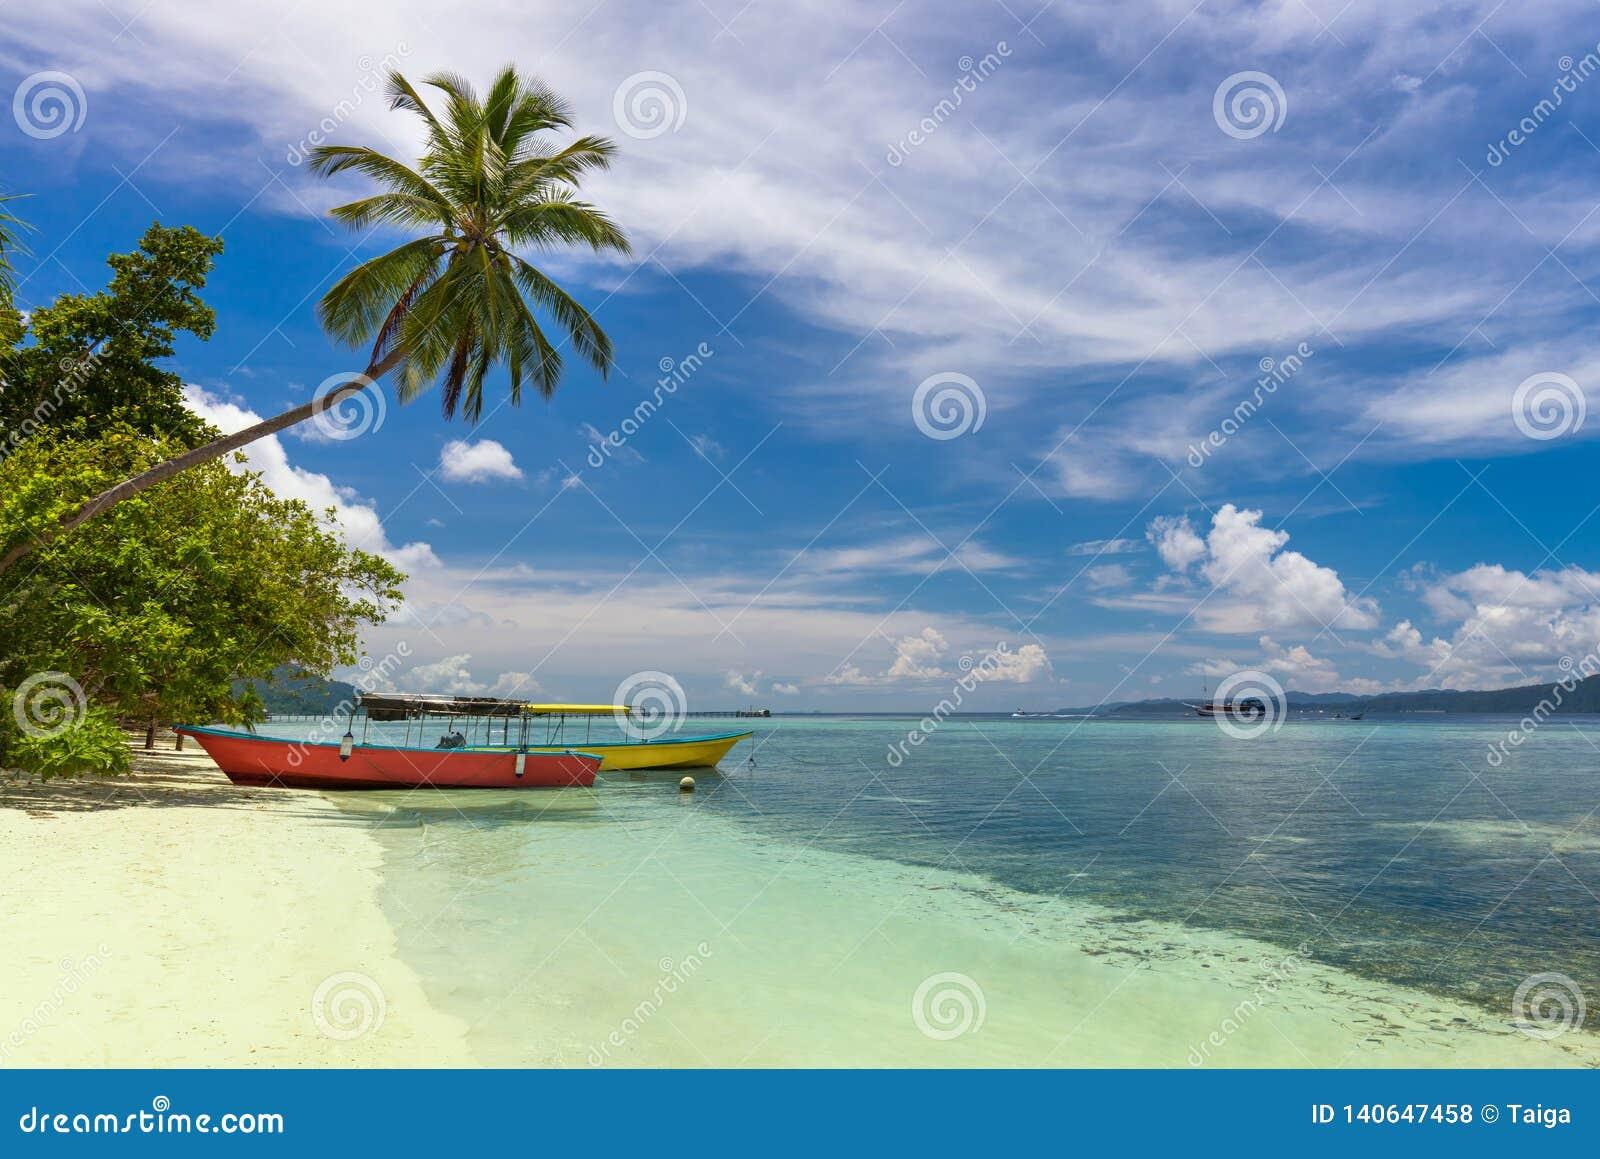 2 шлюпки цвета местных на побережье острова, тропическом пляже с ладонью кокоса, белом песке и воде бирюзы